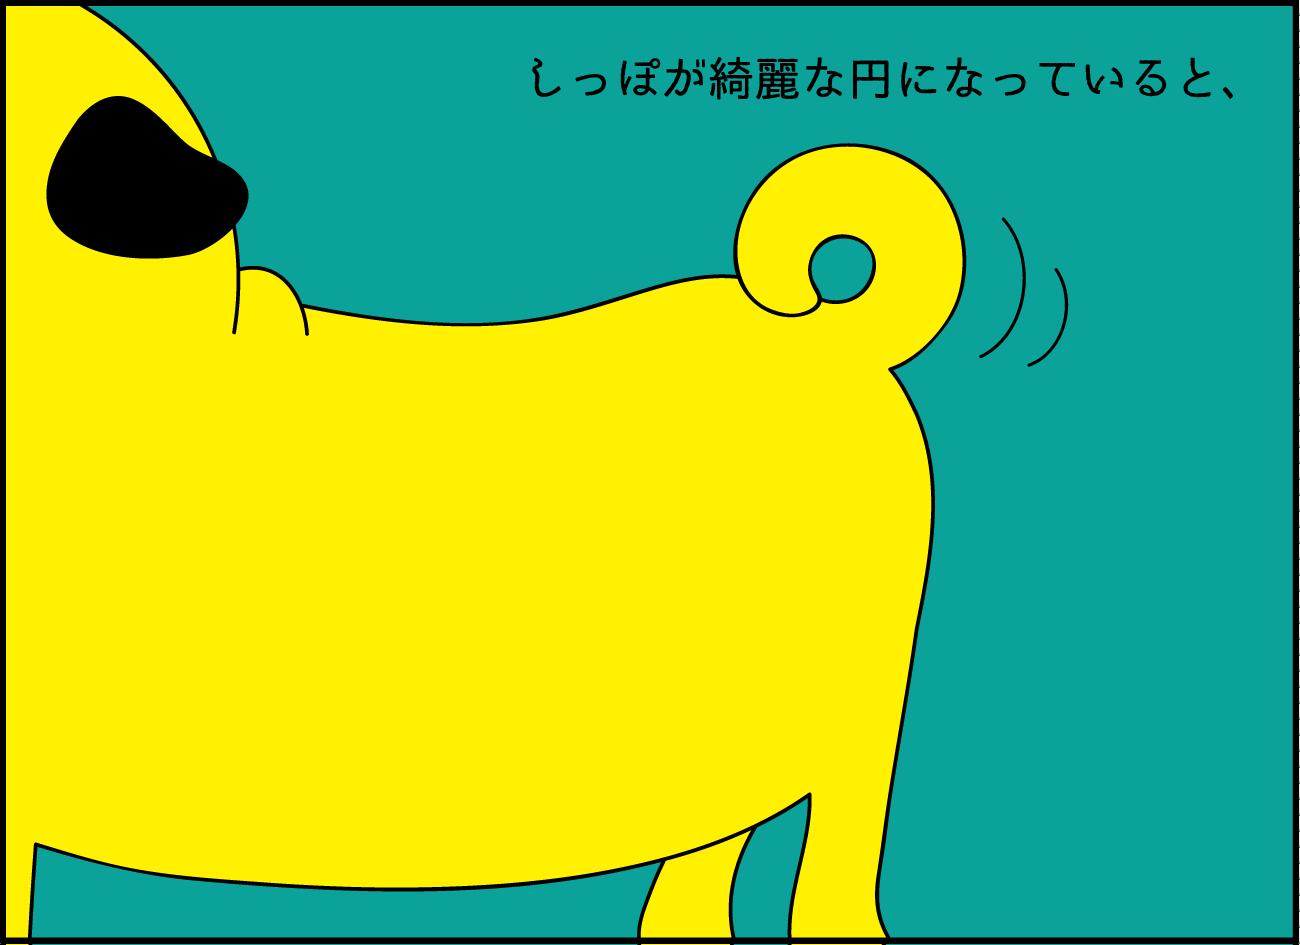 パグのしっぽ【ほのぼの系Daily Comic/パグとわたし】